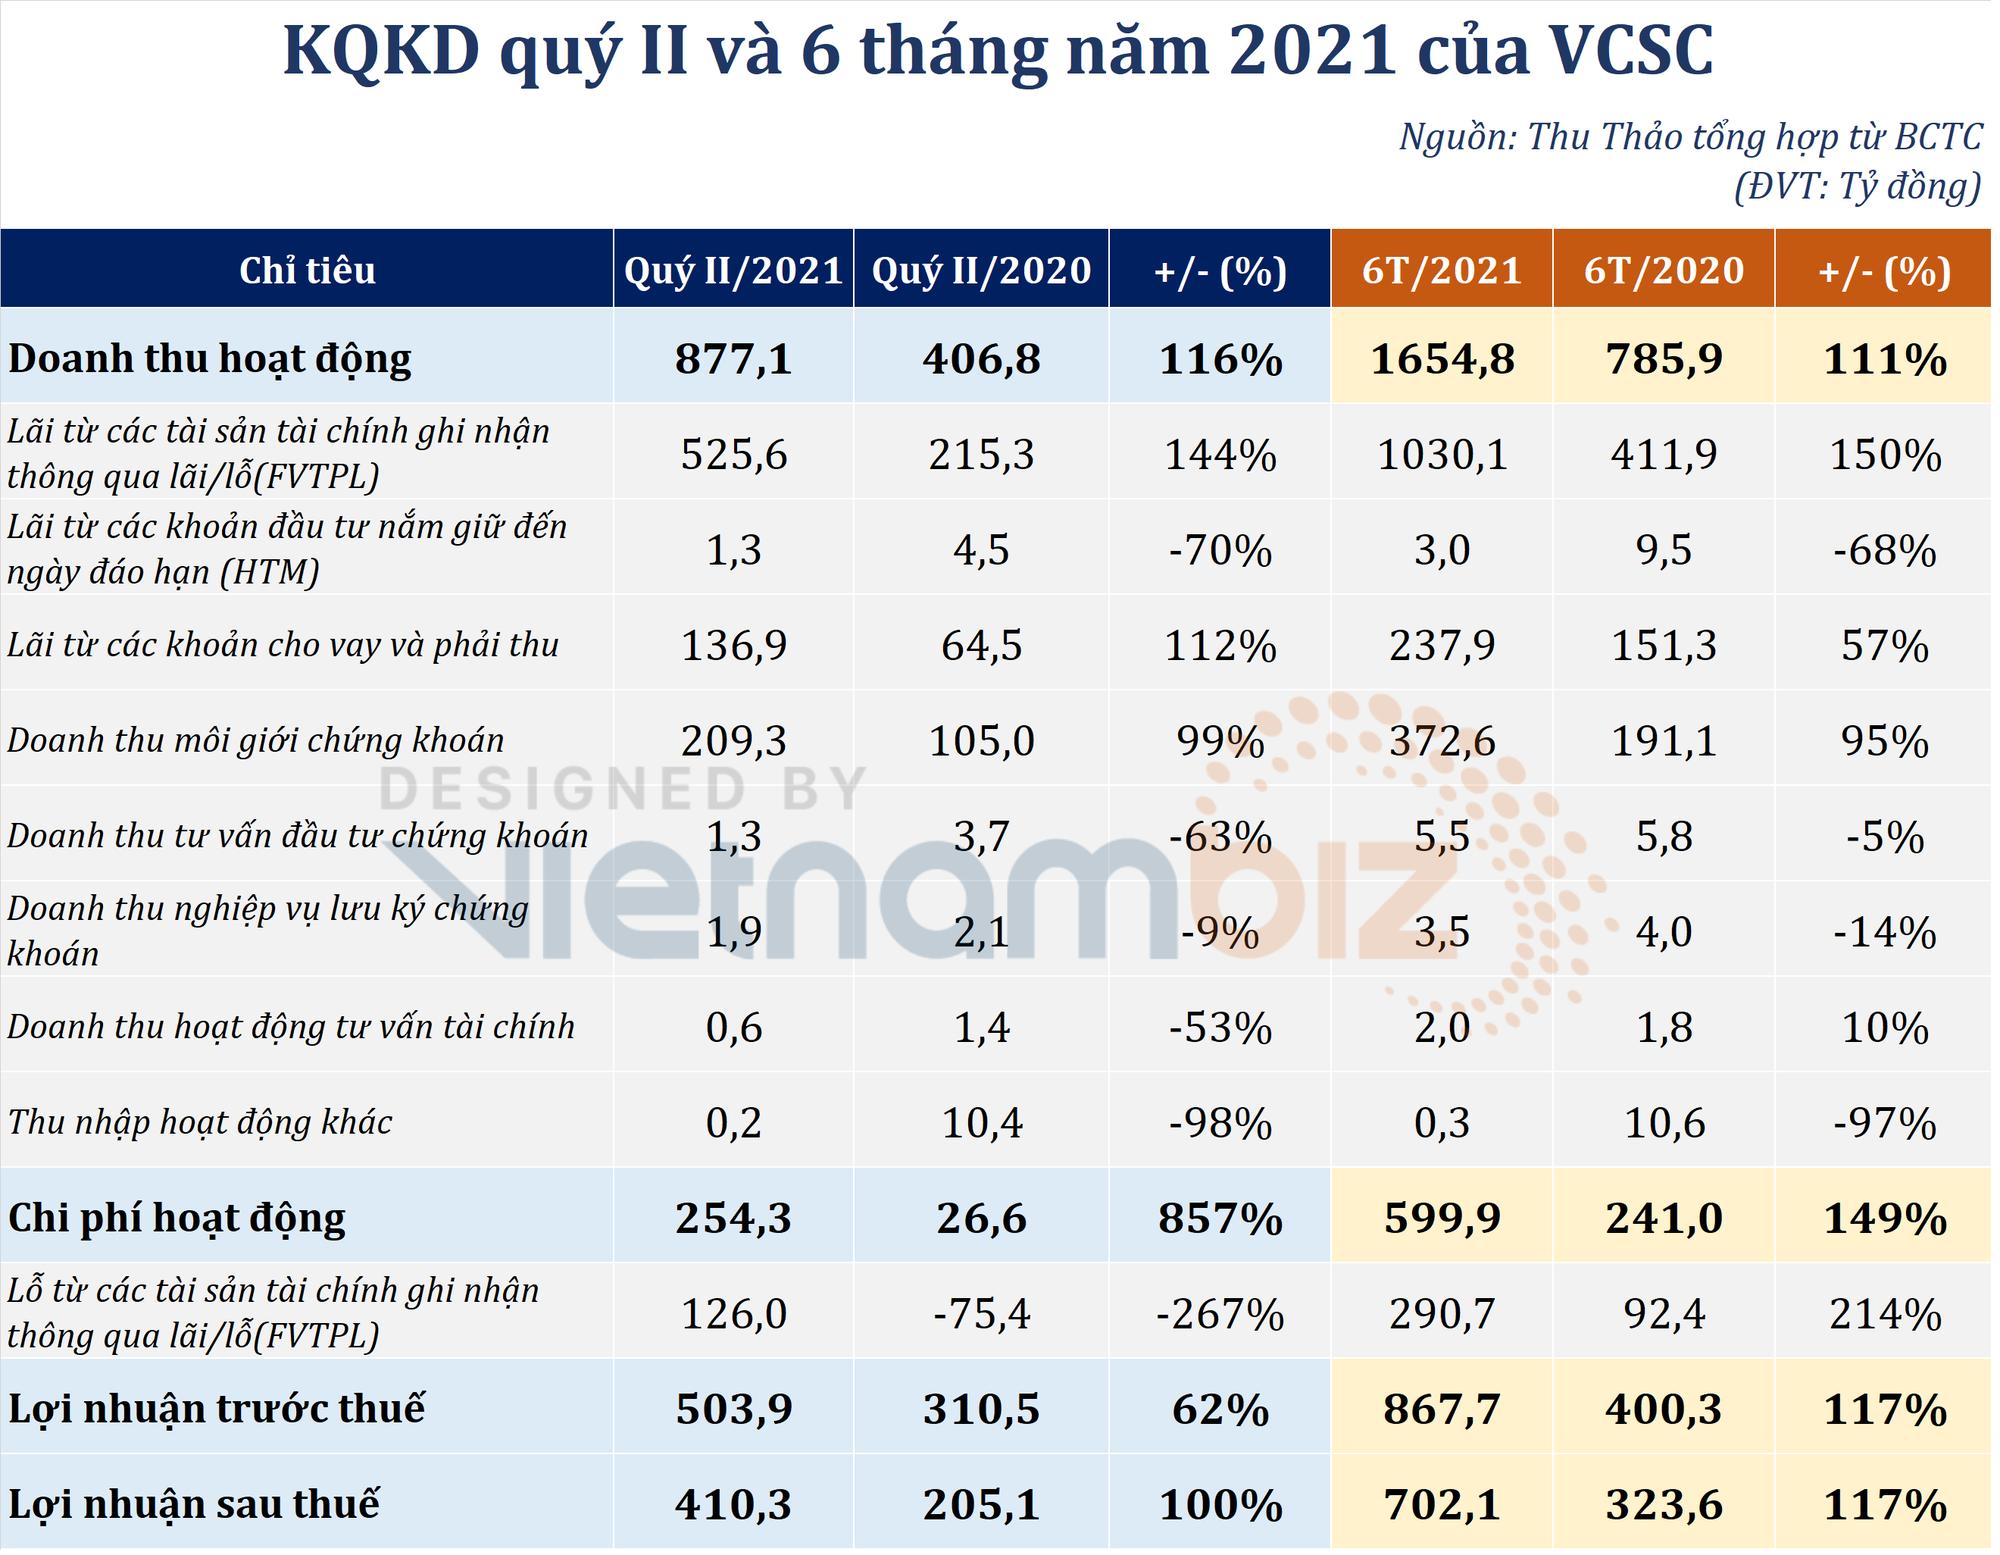 Chứng khoán Bản Việt chốt lời cổ phiếu ngân hàng, bảo hiểm trong quý II, lãi gấp đôi nhờ mua KDH - Ảnh 1.